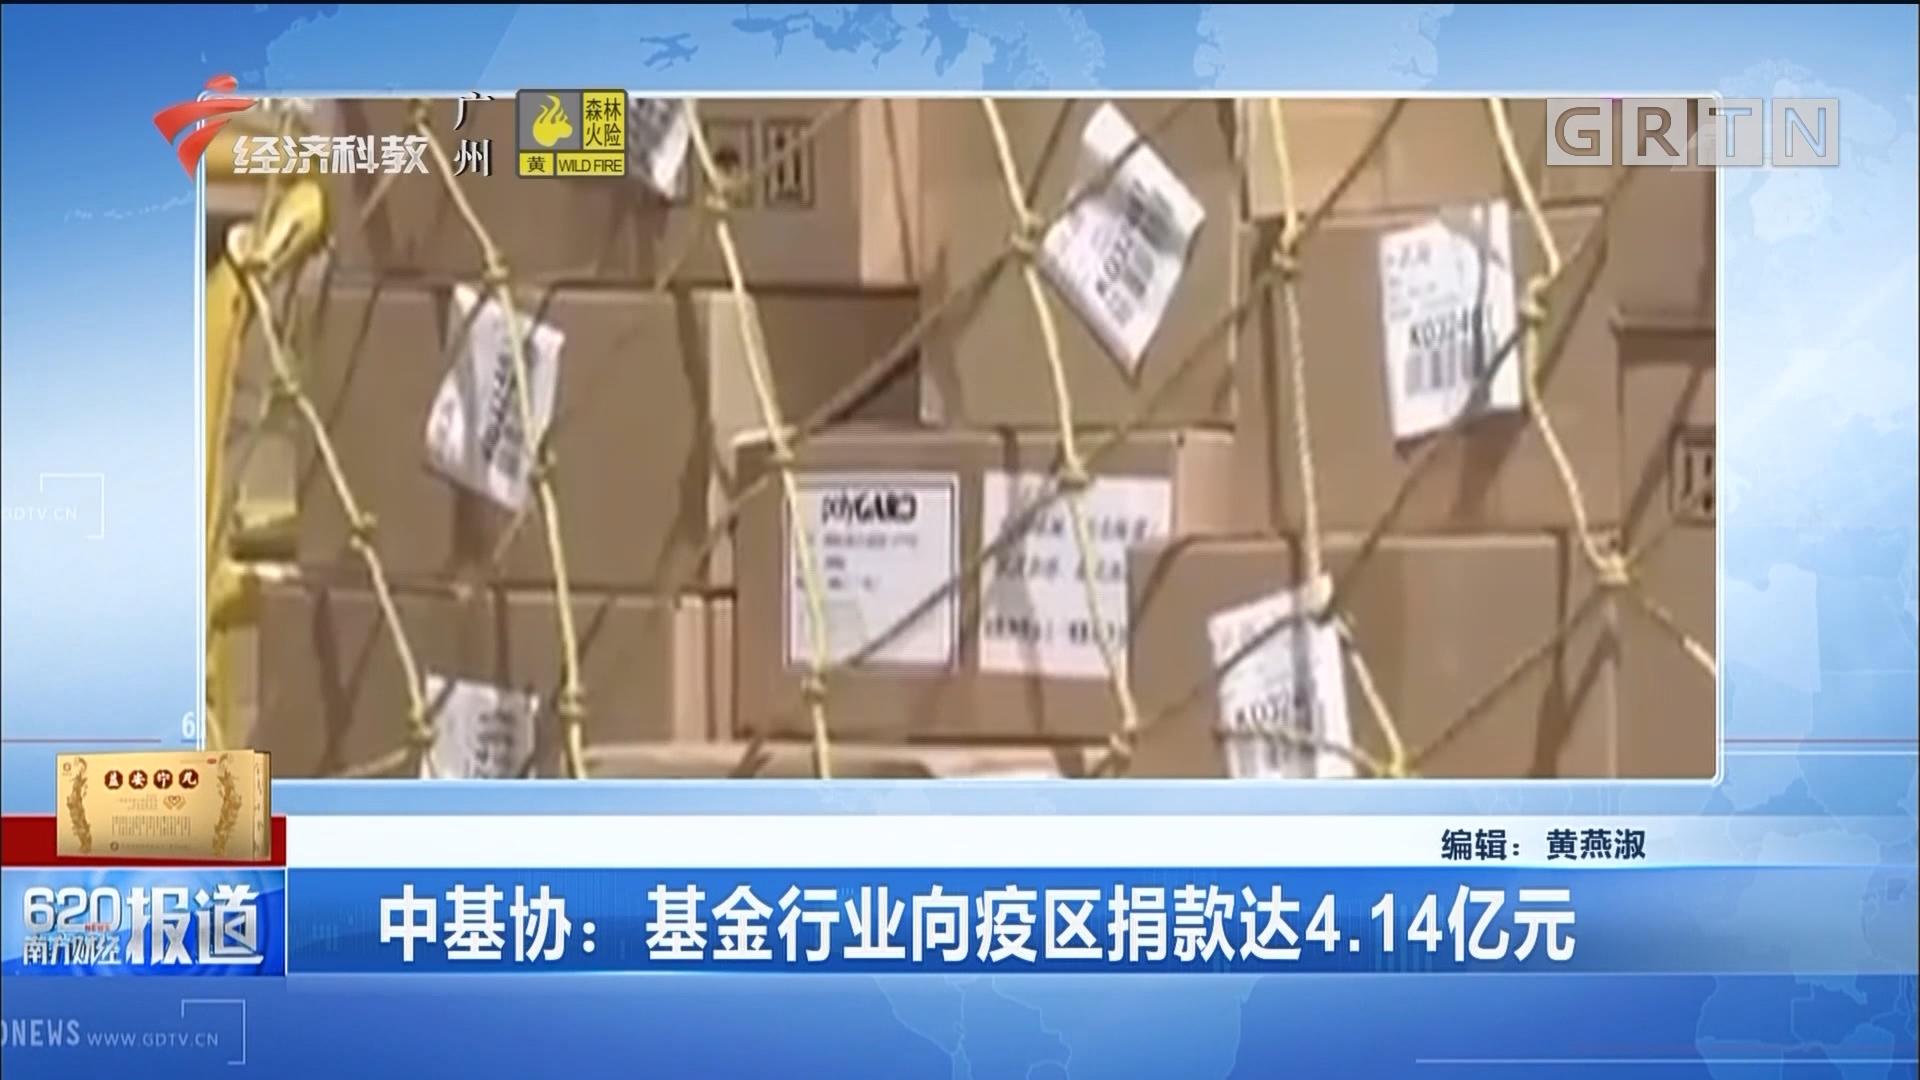 中基协:基金行业向疫区捐款达4.14亿元